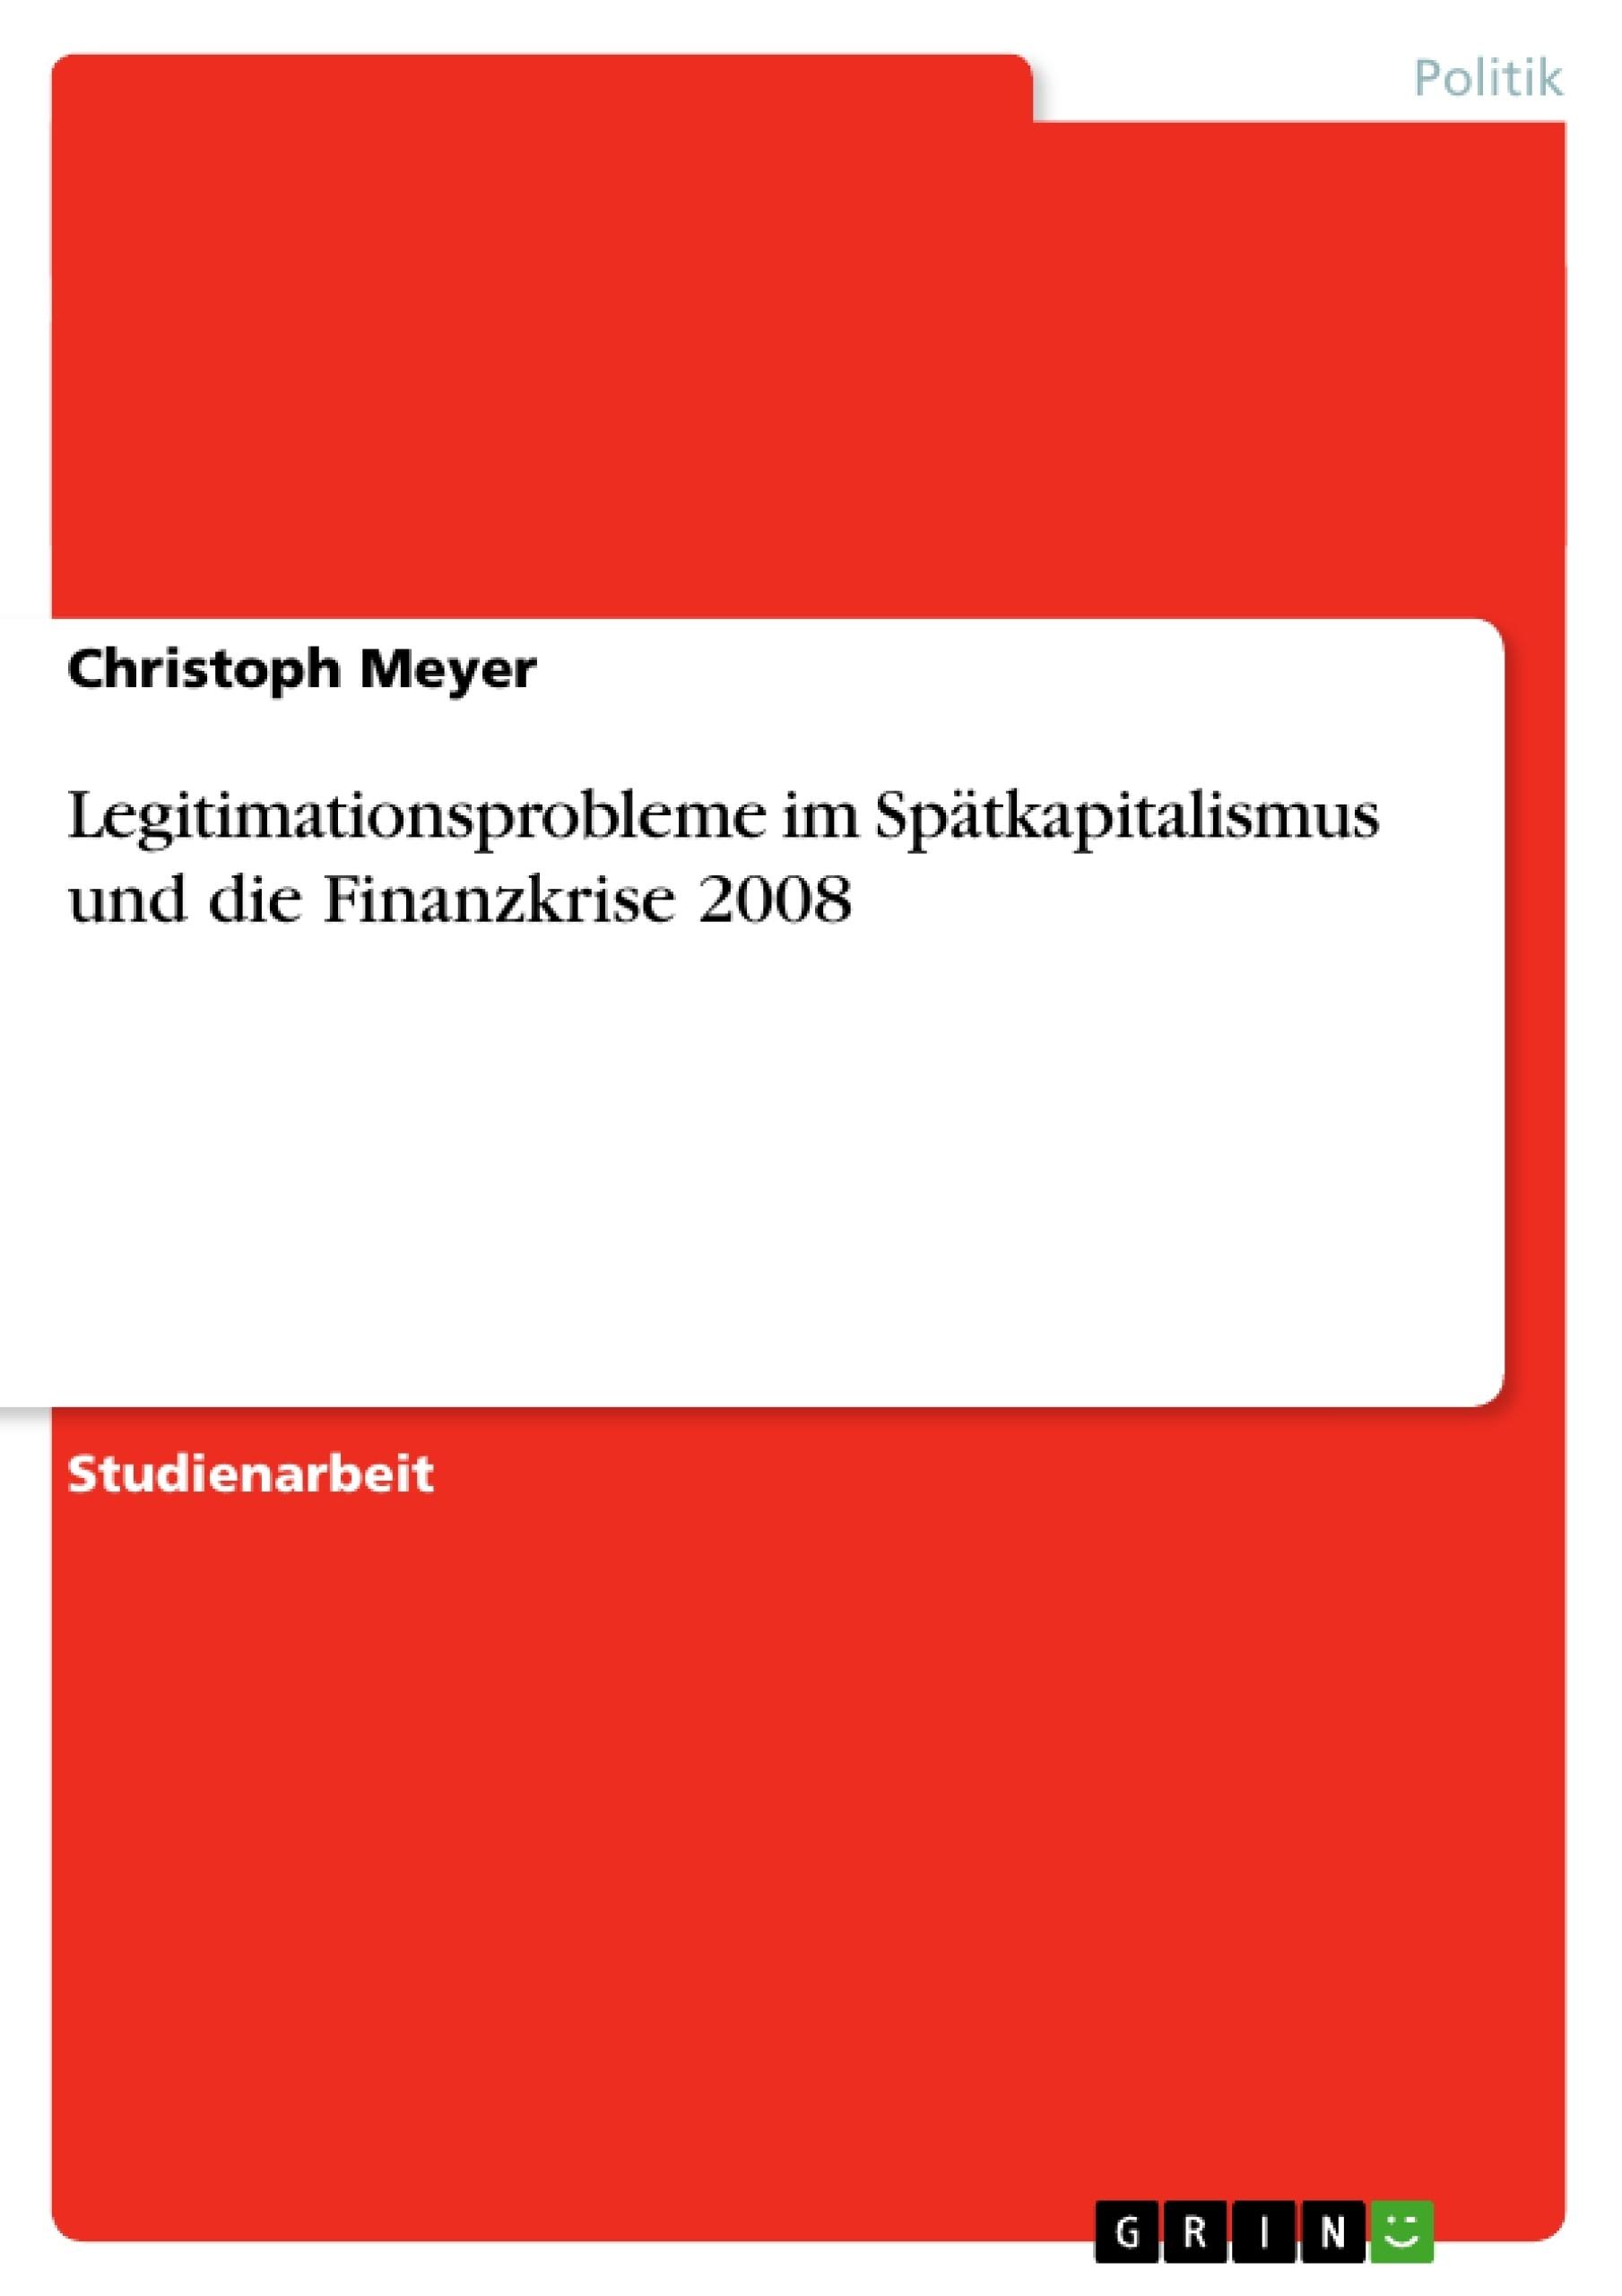 Titel: Legitimationsprobleme im Spätkapitalismus und die Finanzkrise 2008